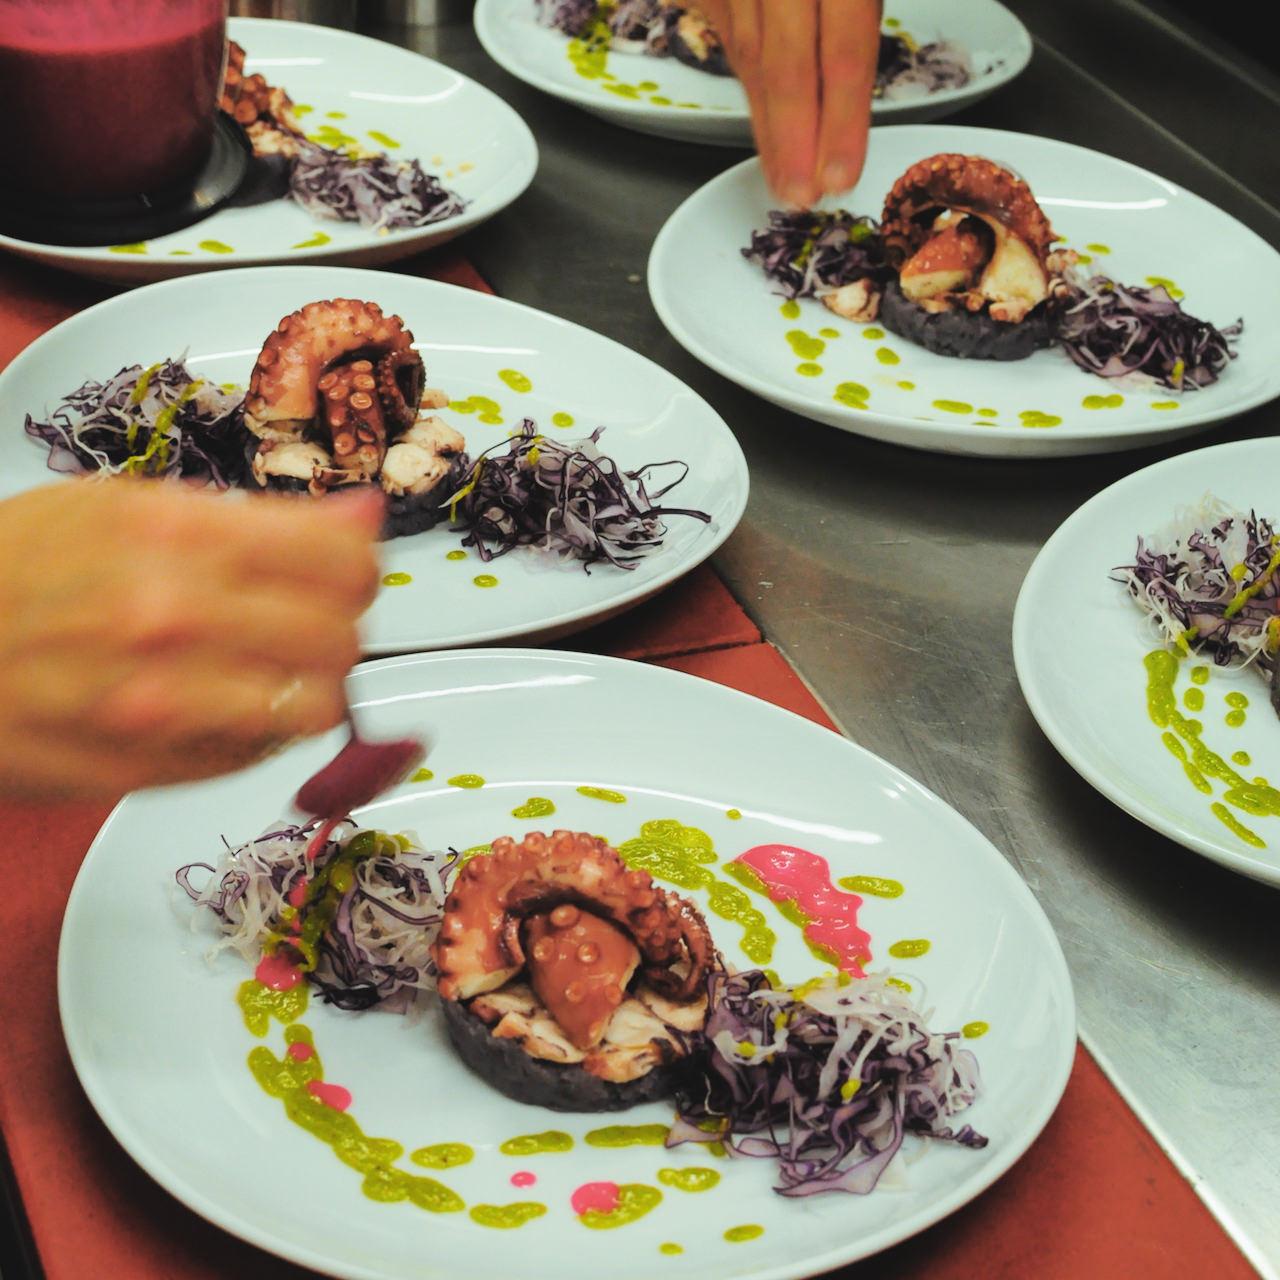 13-Polpo-con-patate-viola-insalatina-di-cavolo-cappuccio-e-salsa-verde